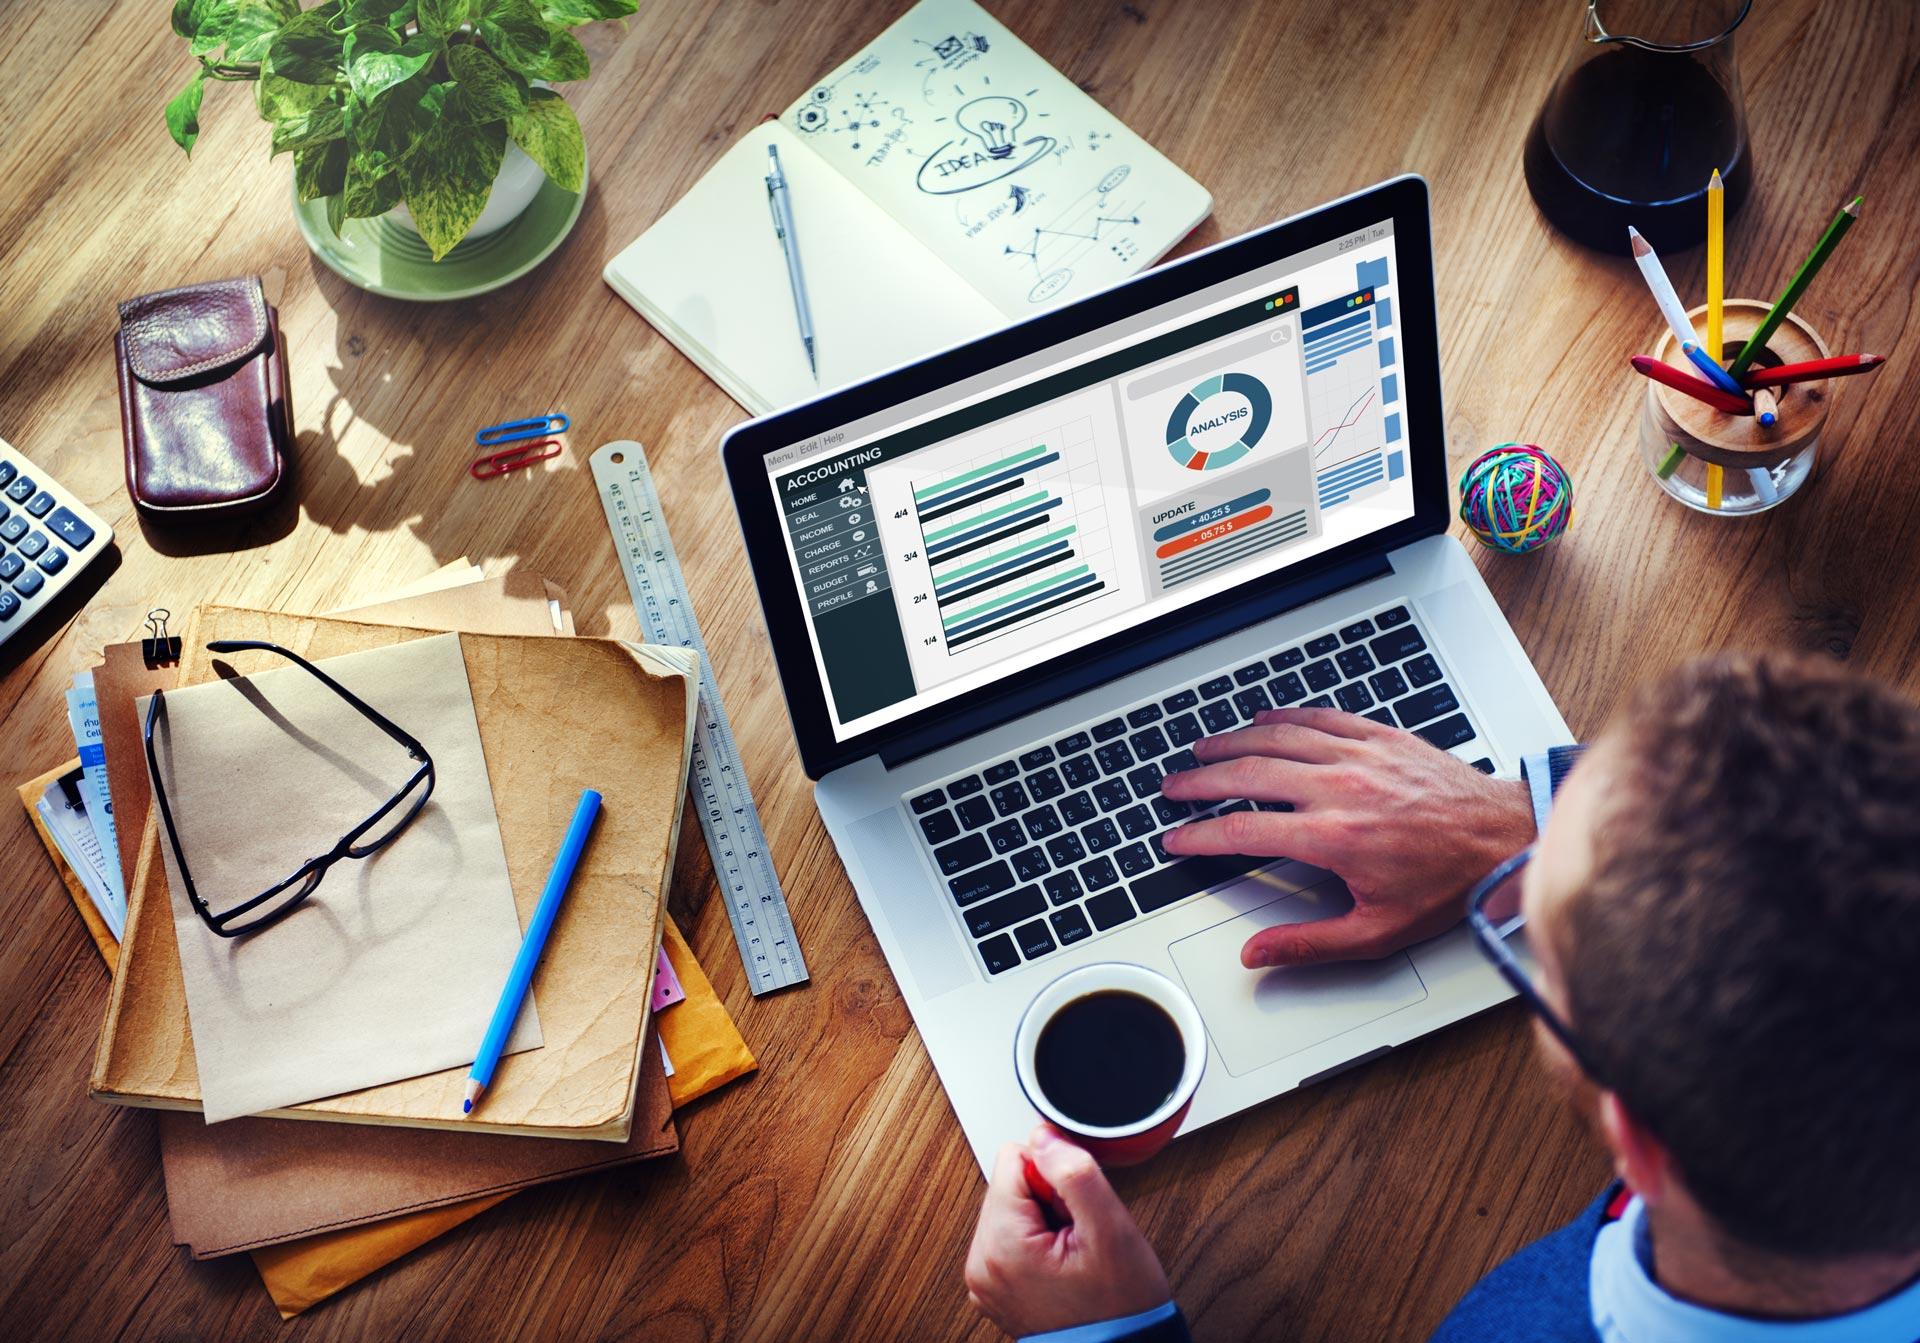 człowiek przy biurku z dokumentami, laptopem i kawą